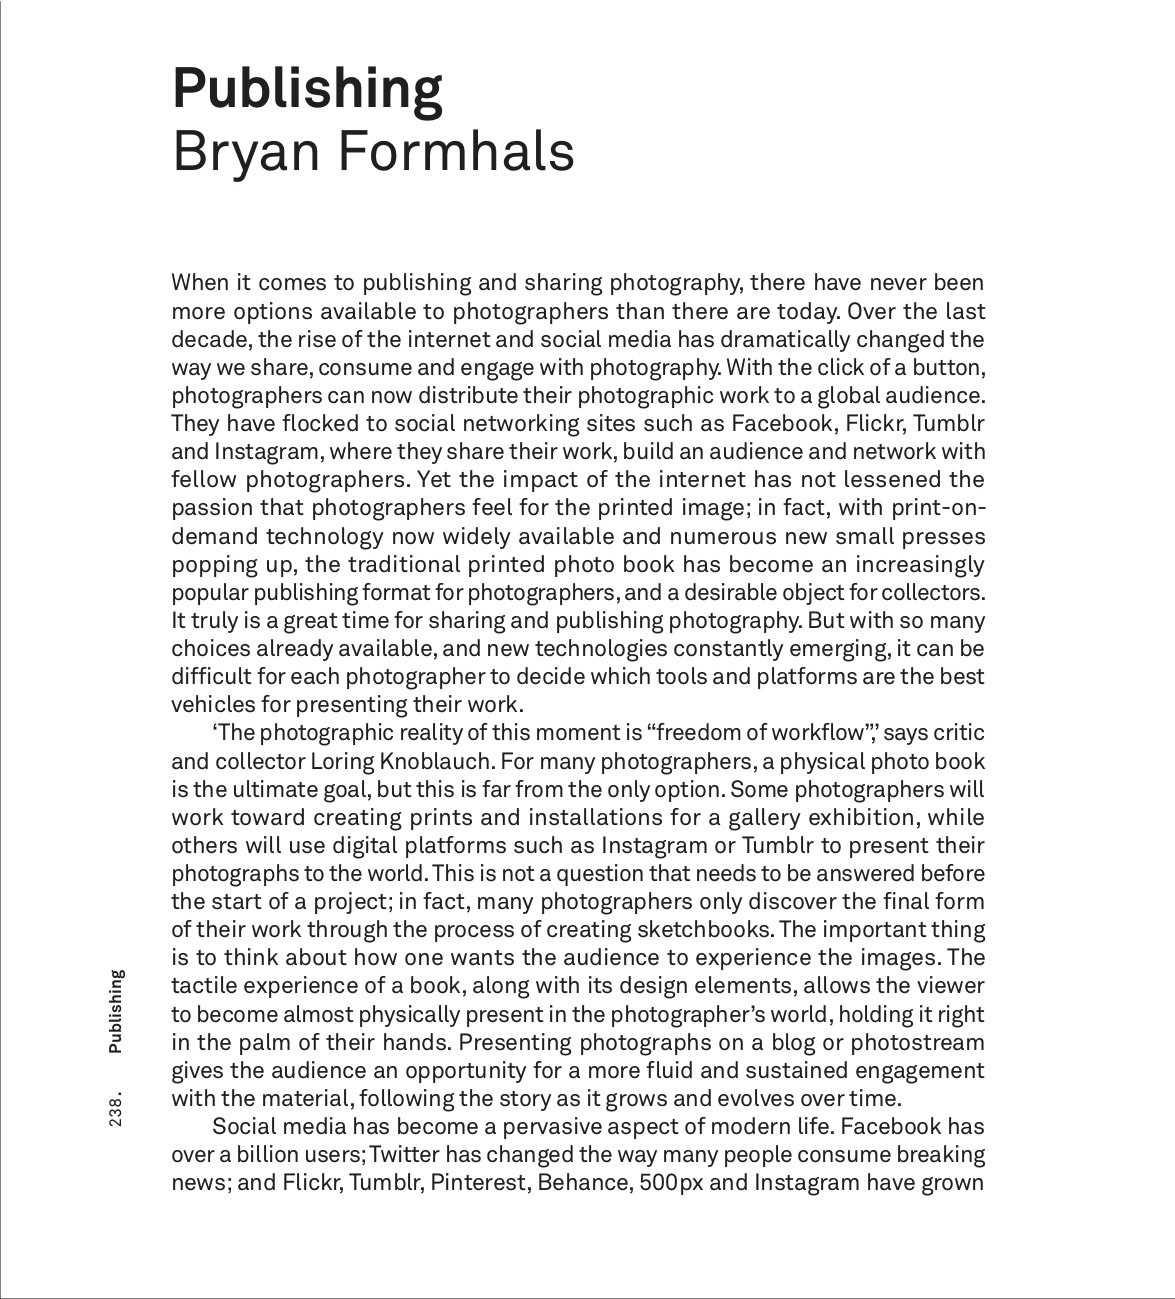 publishing_1.jpg